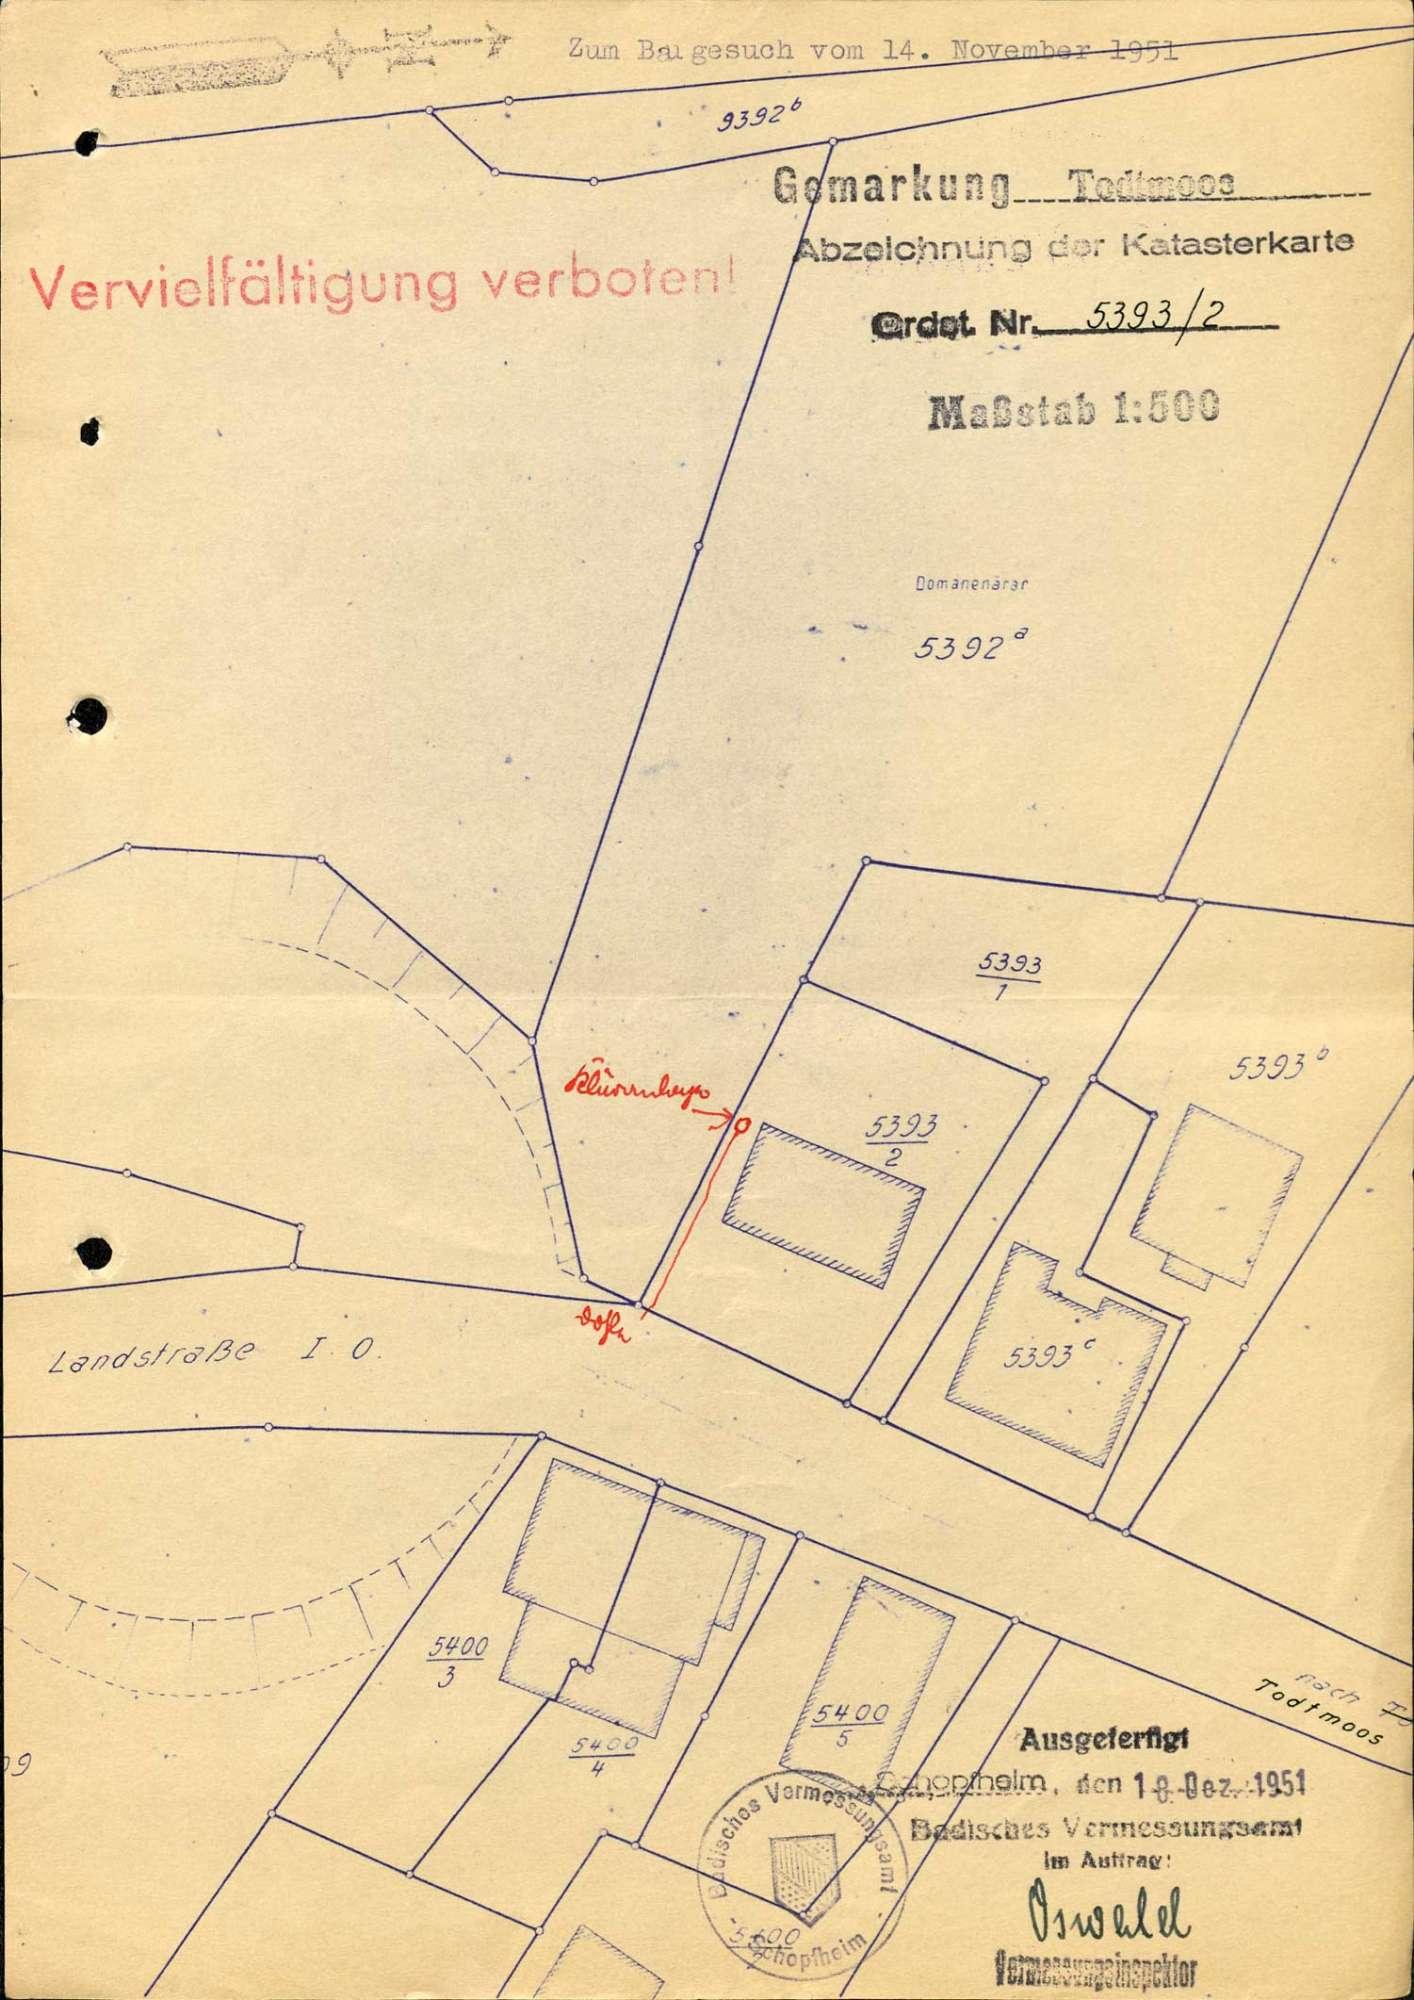 Gesuch des Julius Oberländer um Genehmigung zum Bau einer OMS-Frischwasser-Kläranlage und Ableitung der Abwässer in die Straßendohle der Landstraße in Todtmoos, Bild 3